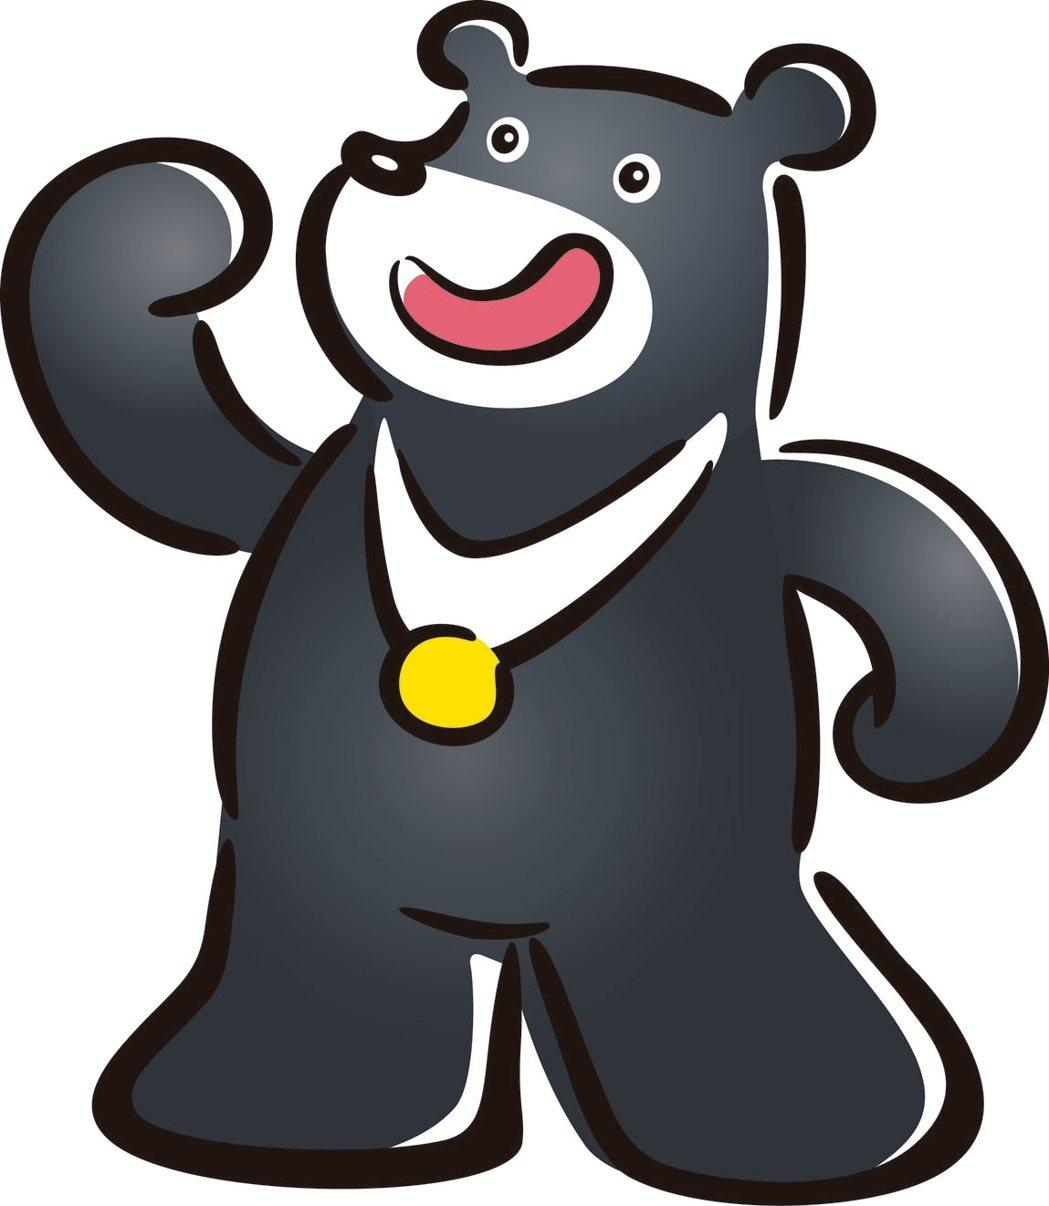 熊讚申請名稱商標註冊被駁回,北市府考慮熊讚加上英文名字Bravo,再度申請。 圖...